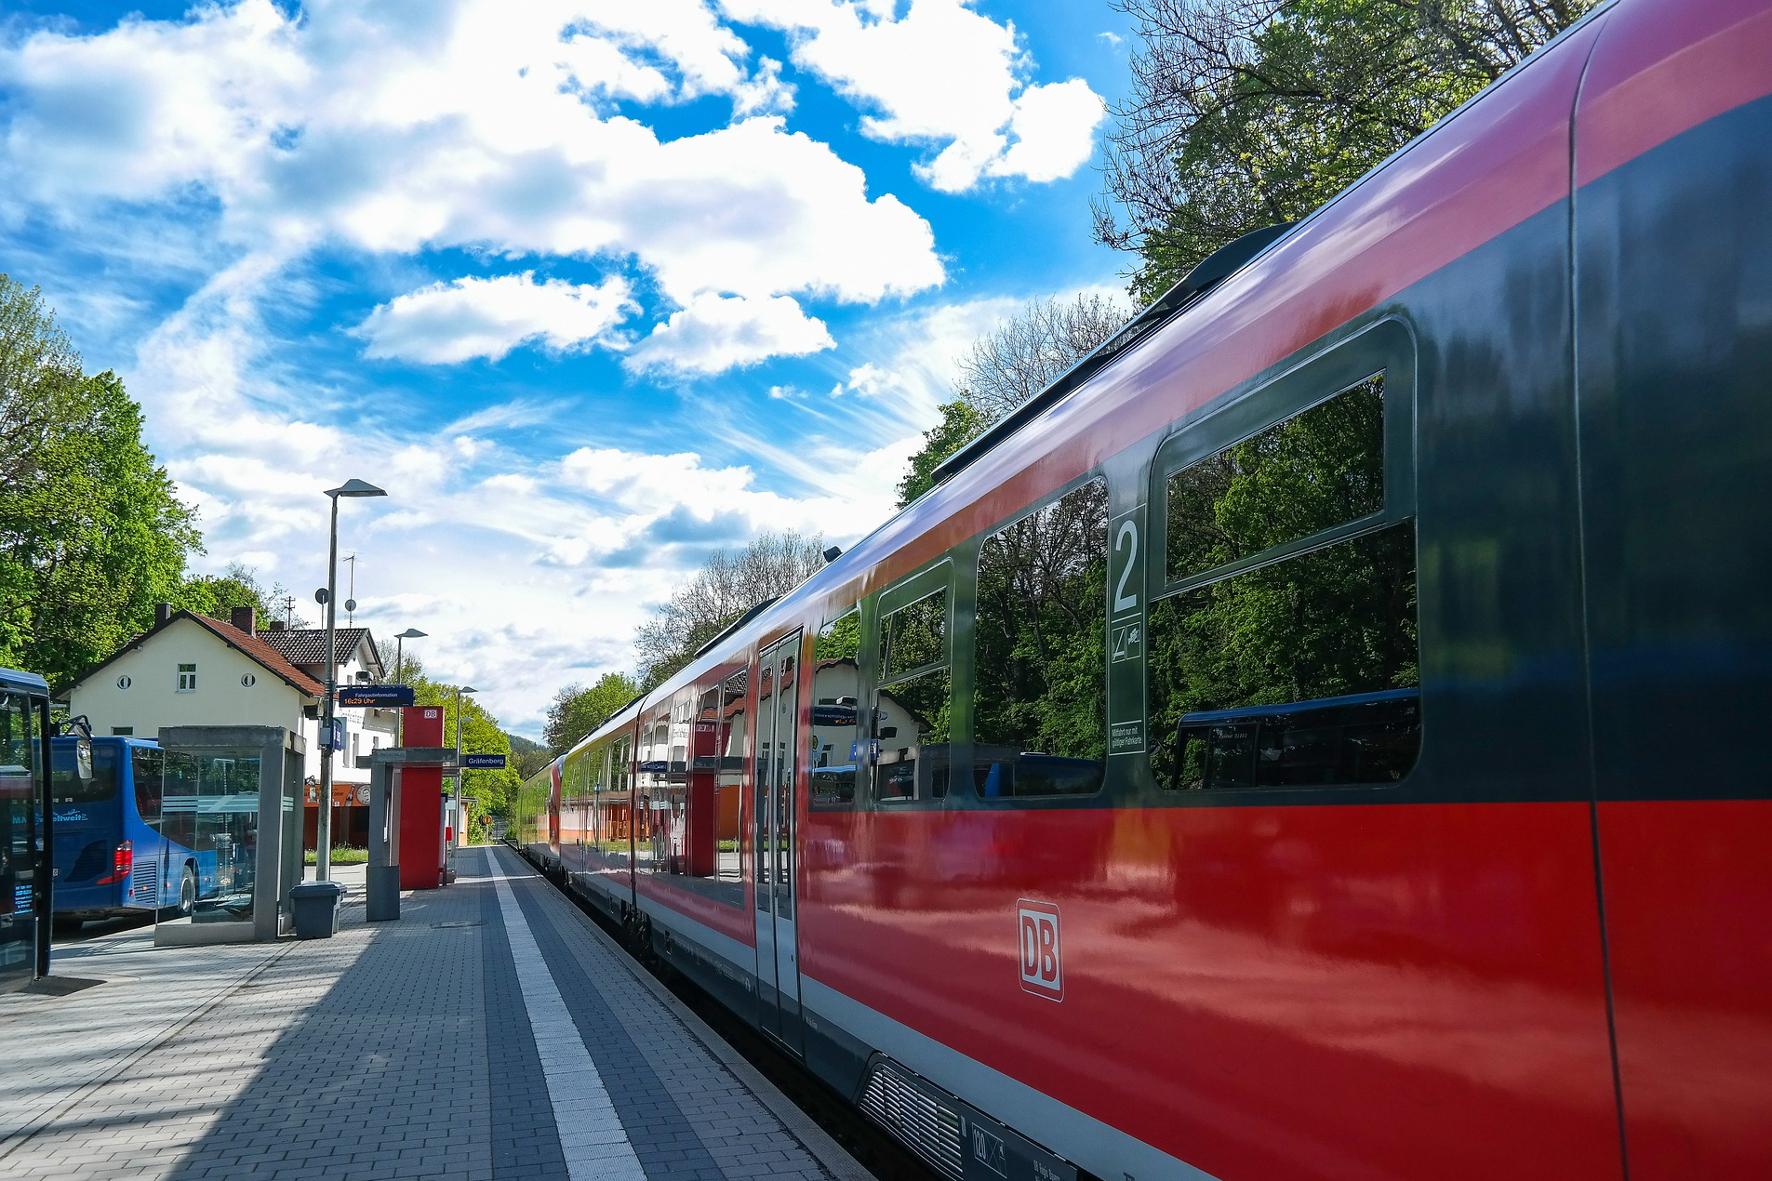 mid Groß-Gerau - Die Fahrgastzahlen der Deutschen Bahn sind in der Corona-Krise drastisch zurückgegangen. IndiraFoto / pixabay.com